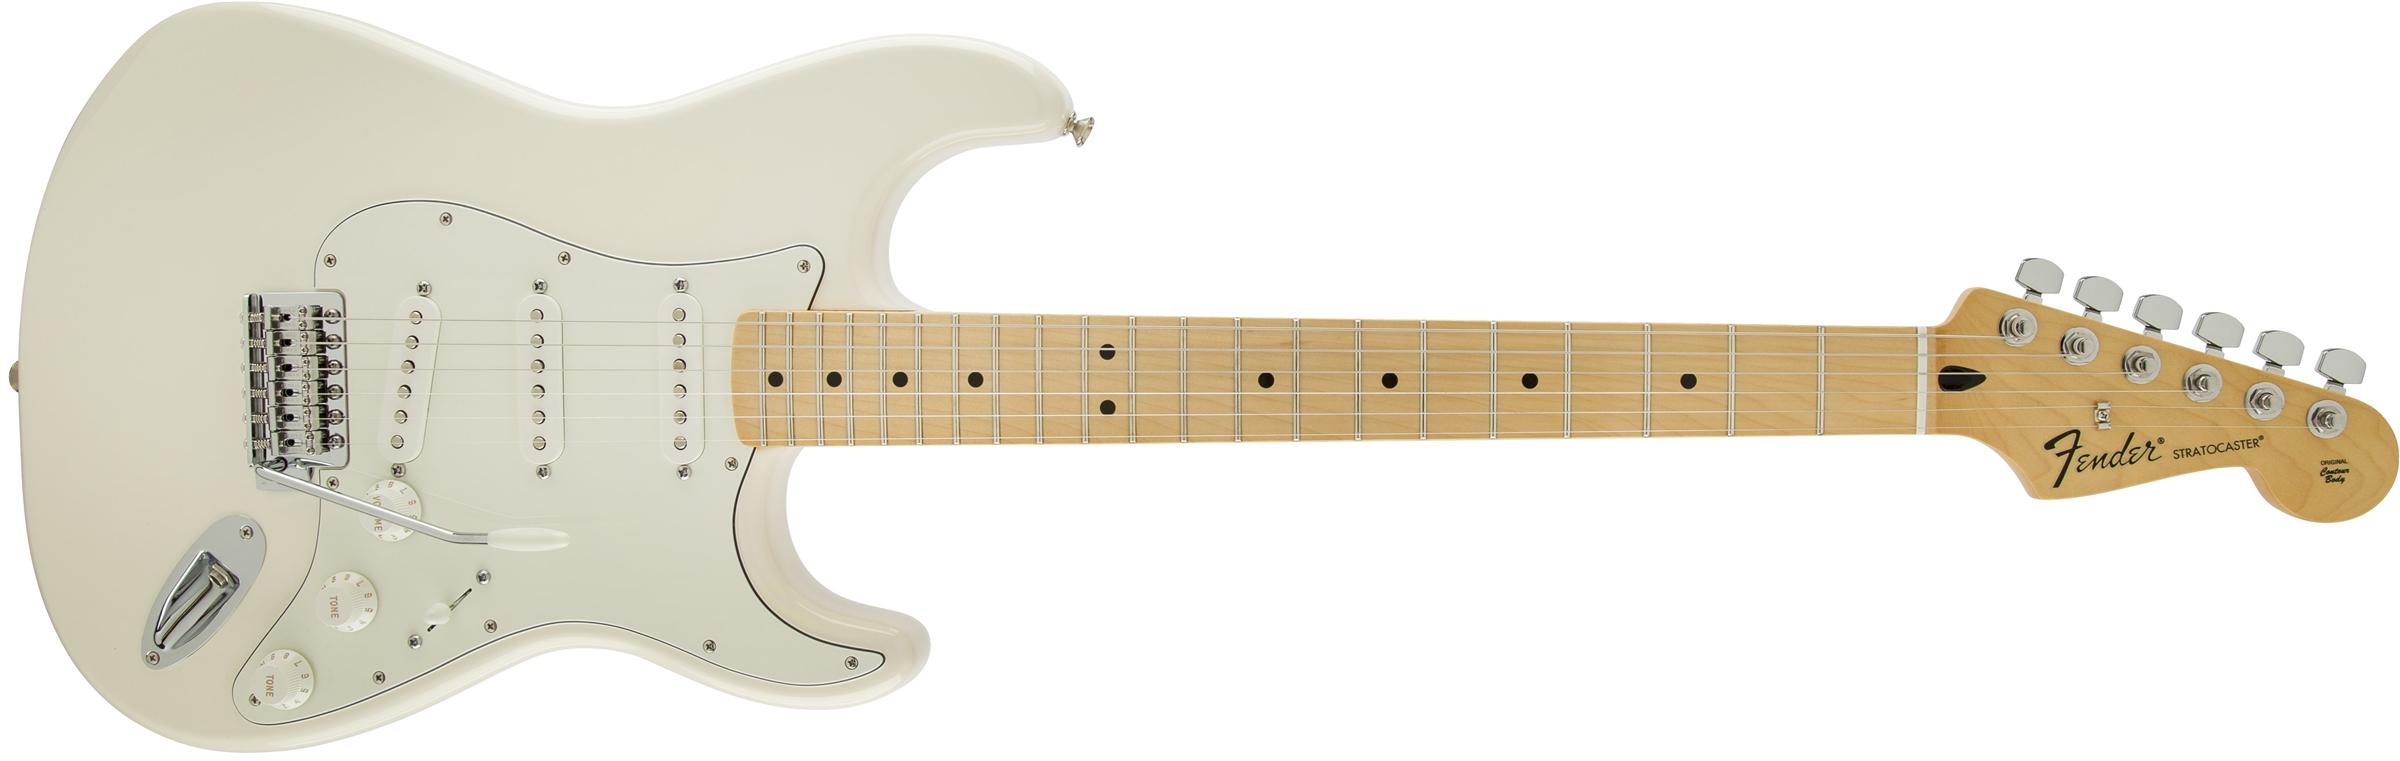 fender standard stratocaster maple fingerboard arctic white. Black Bedroom Furniture Sets. Home Design Ideas